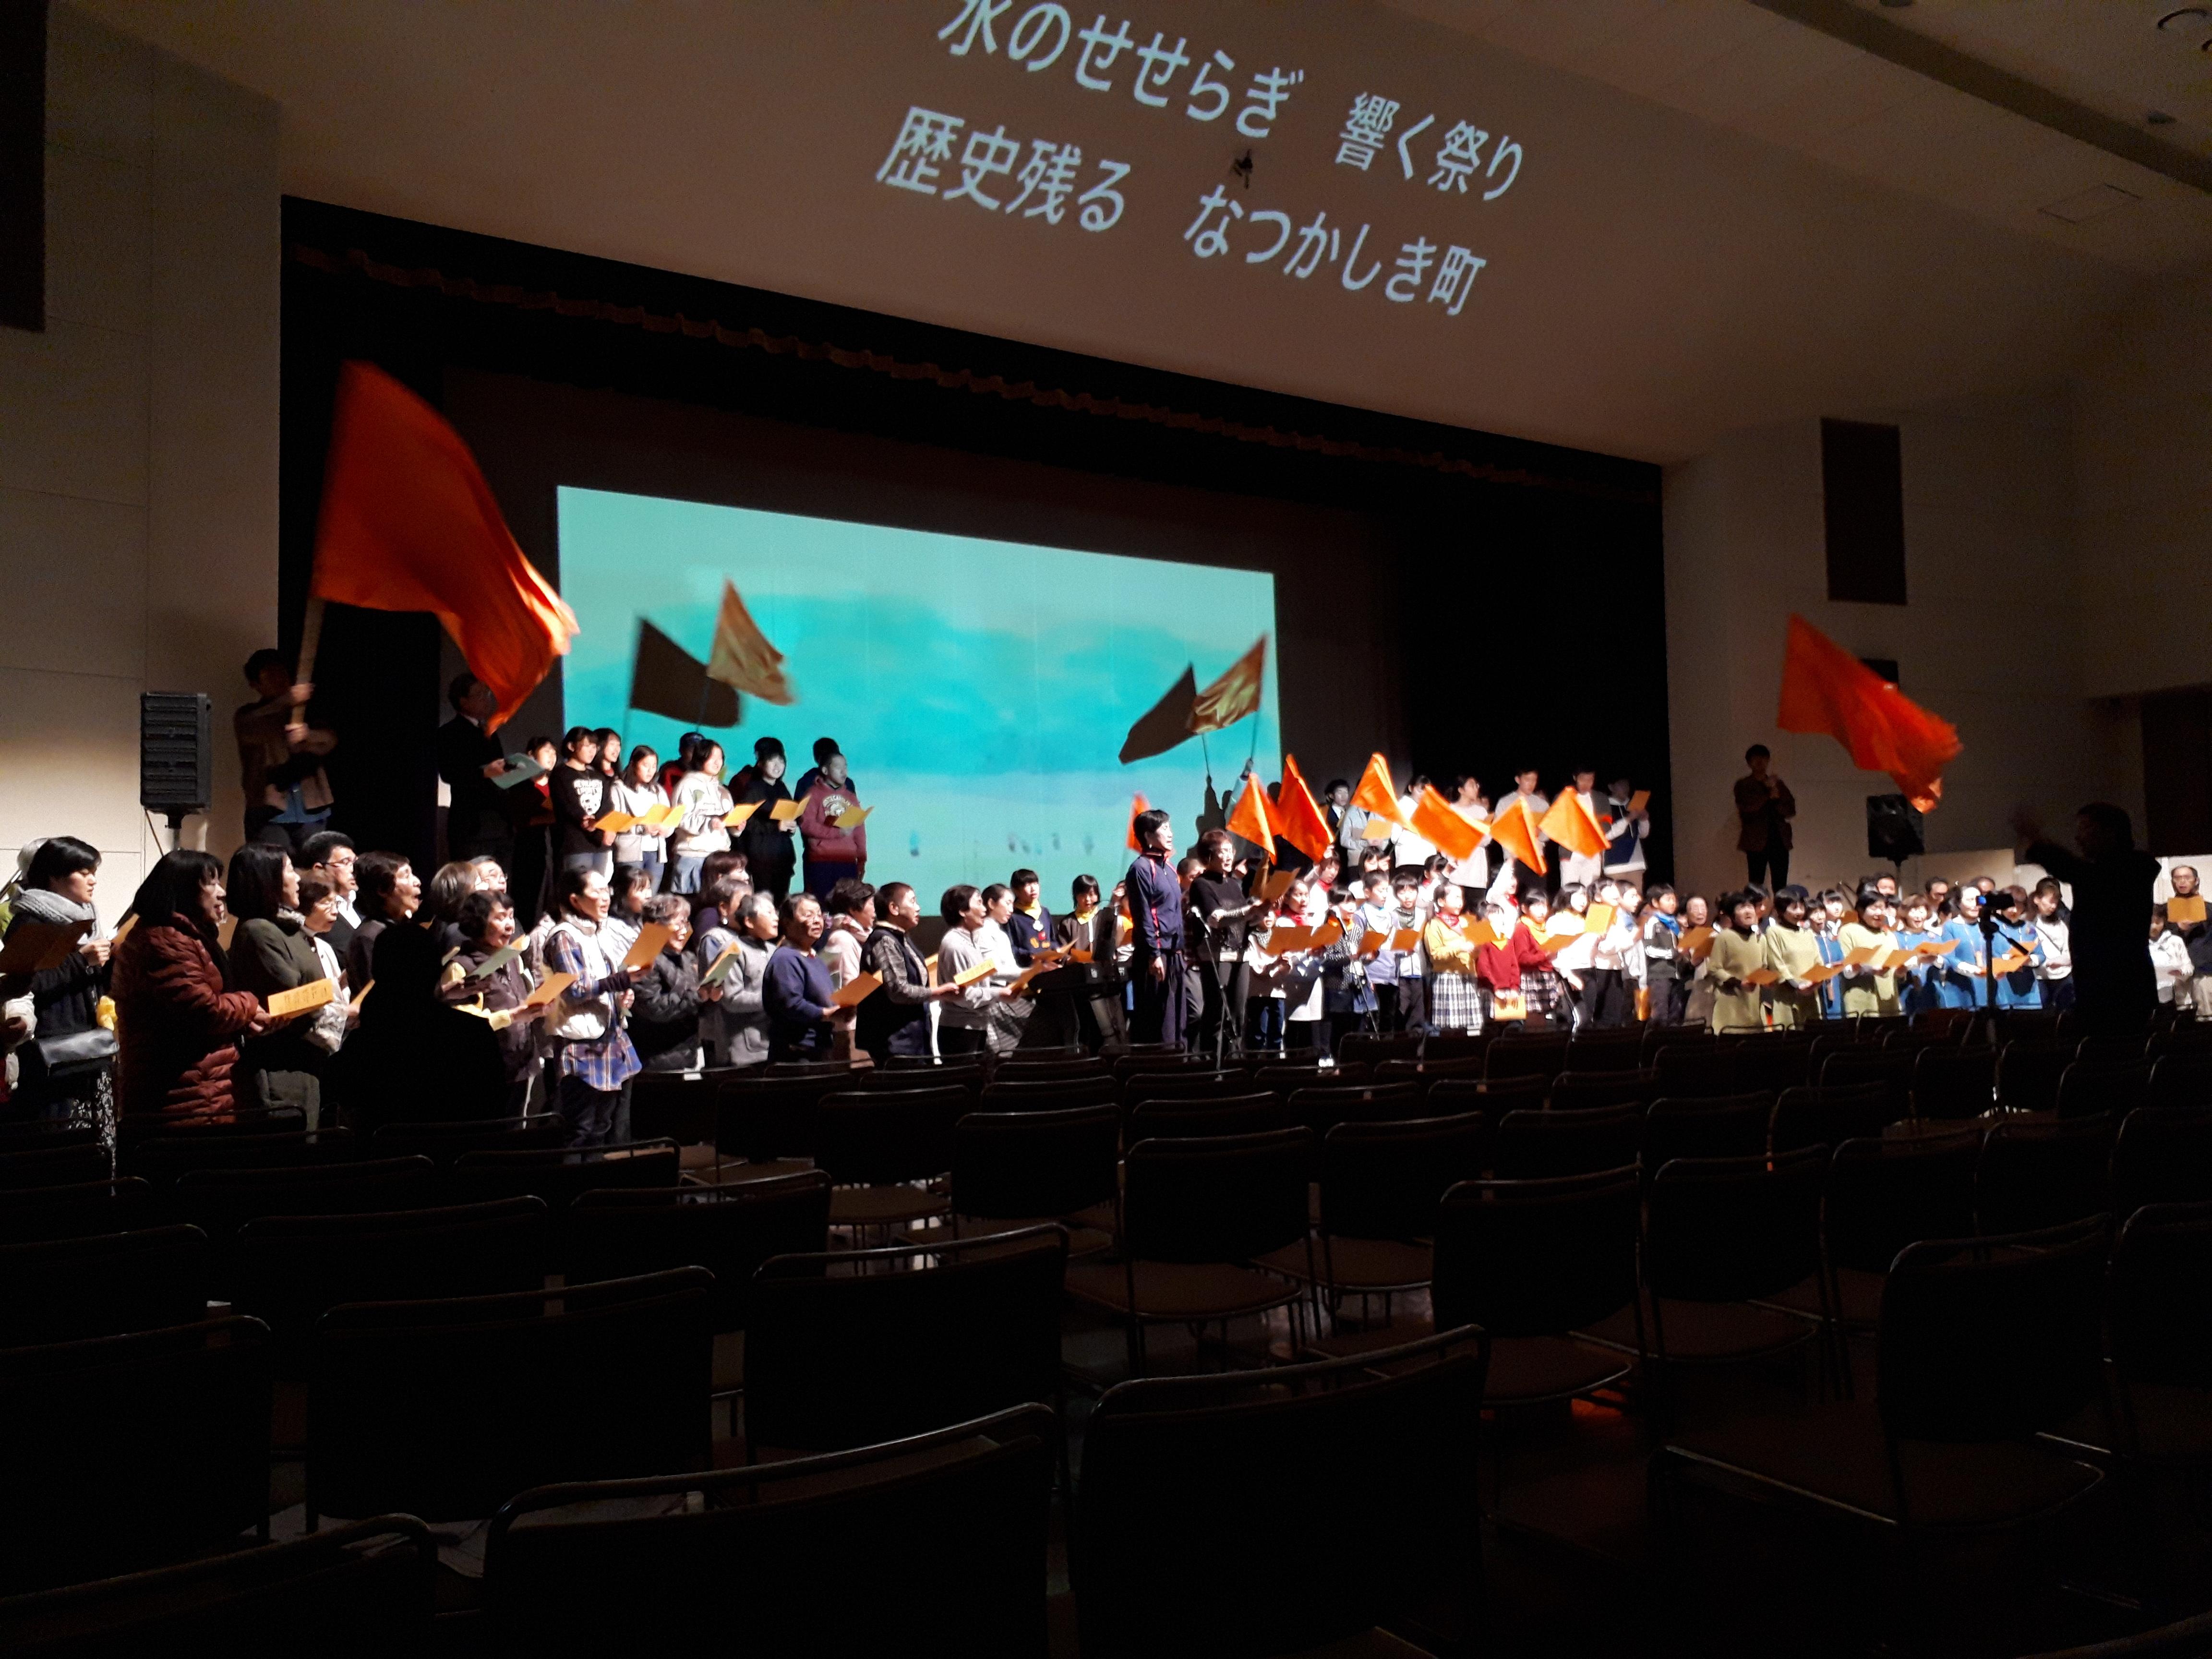 松崎町のうたコンサート